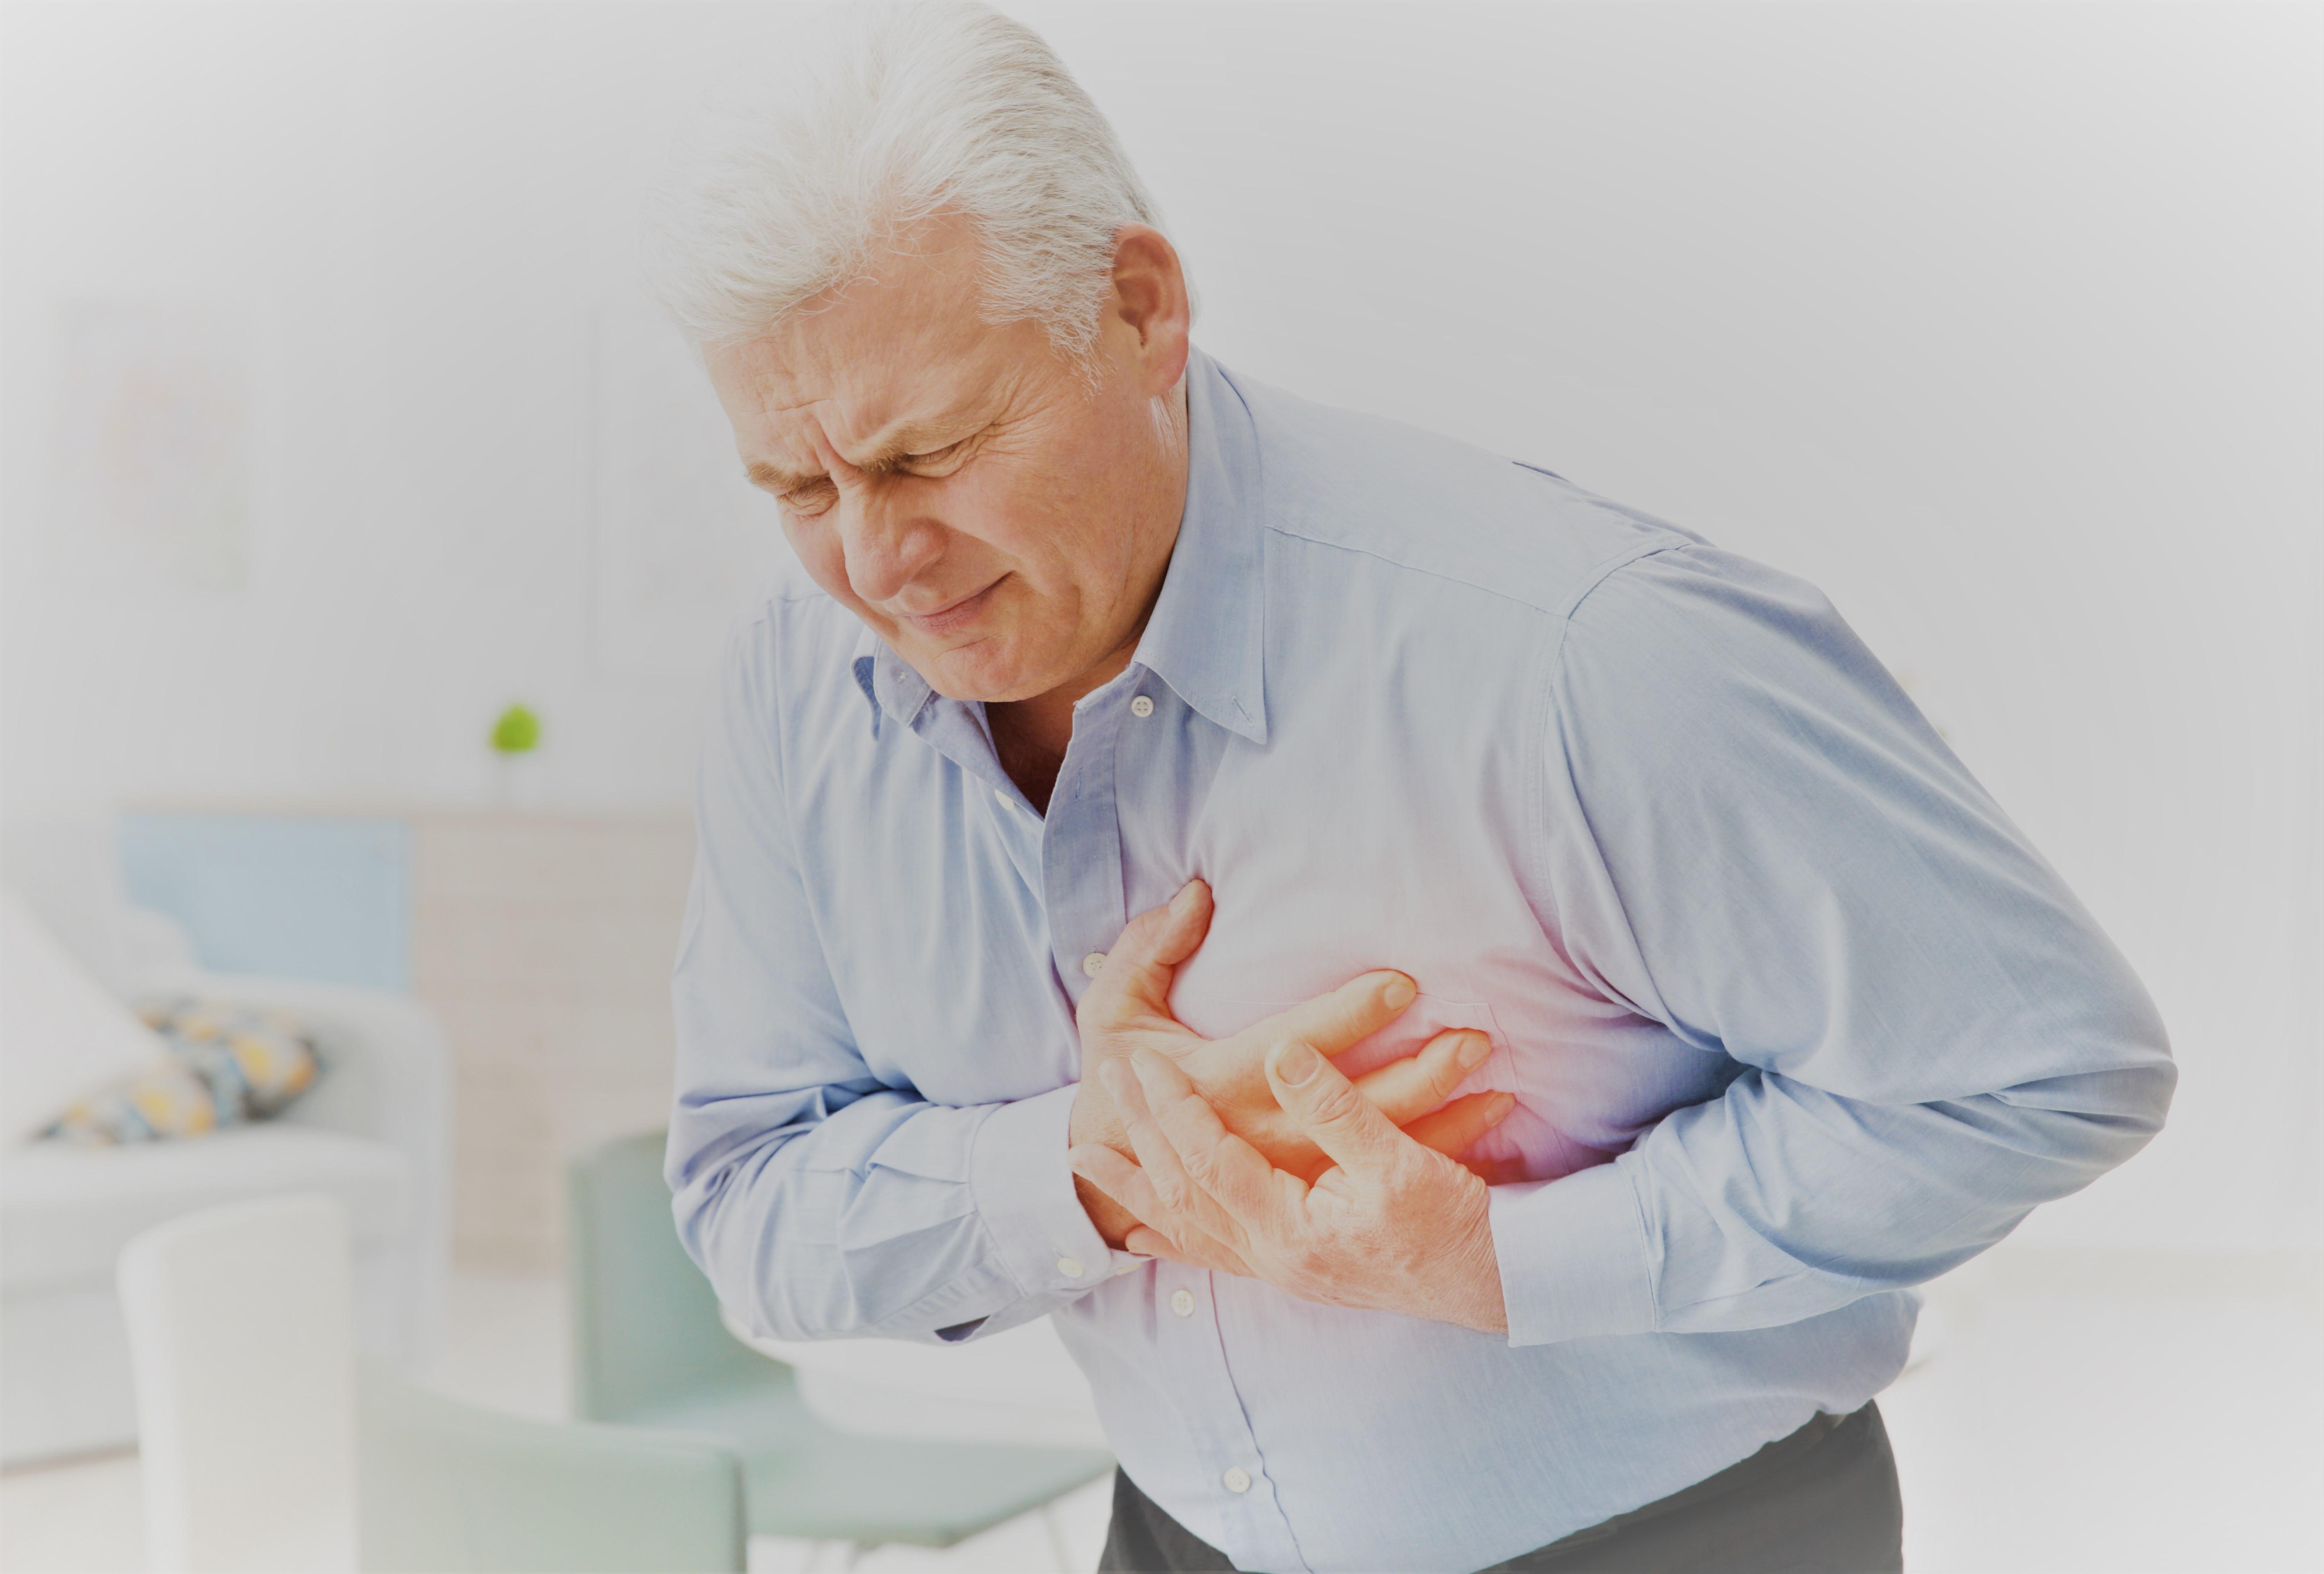 magas vérnyomás ég a mellkasban tinktúrák összetétele magas vérnyomás esetén